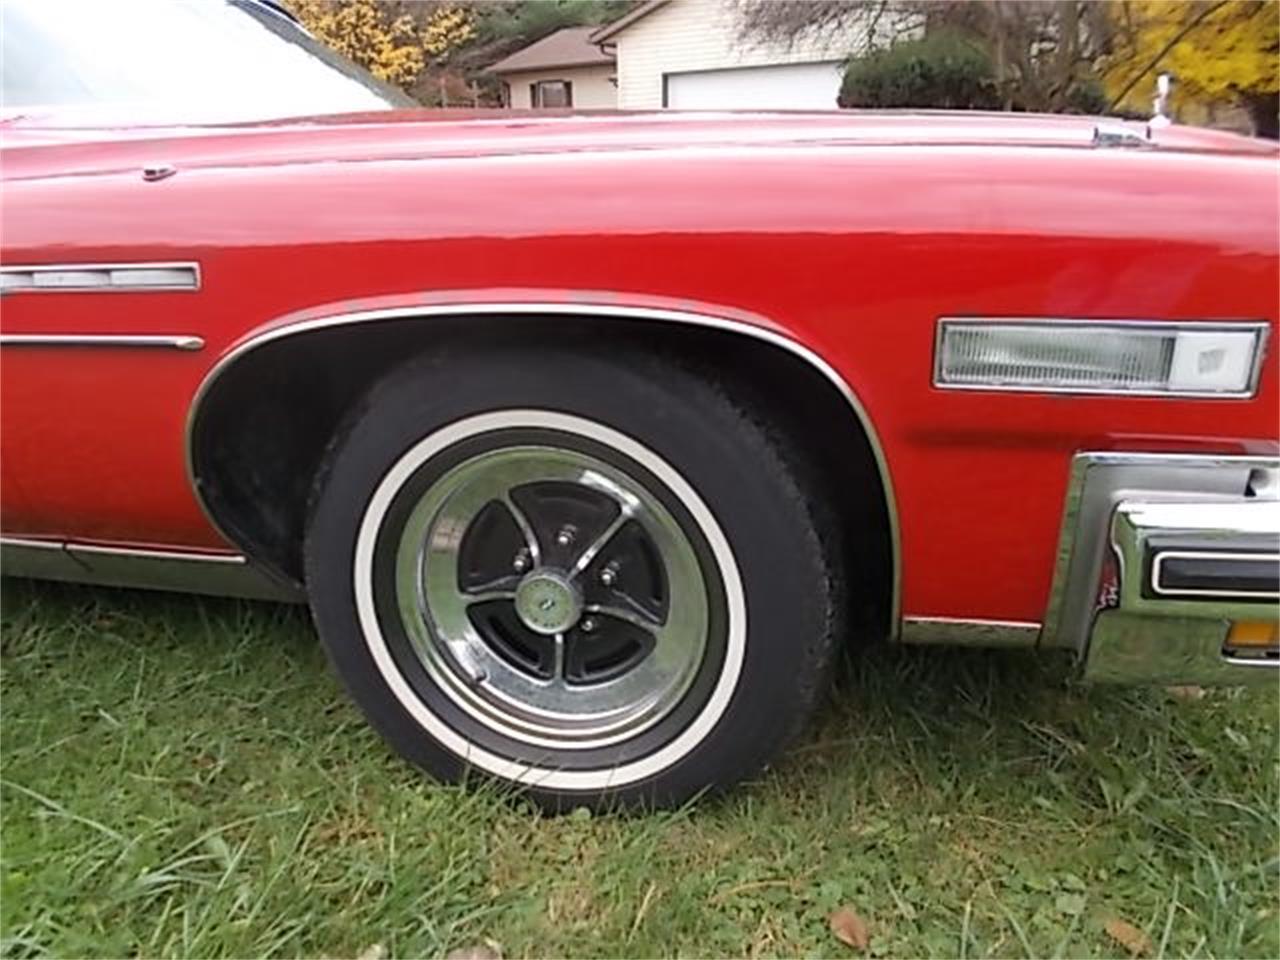 Large Picture of '75 Buick LeSabre located in Creston Ohio - $12,500.00 - M9RW